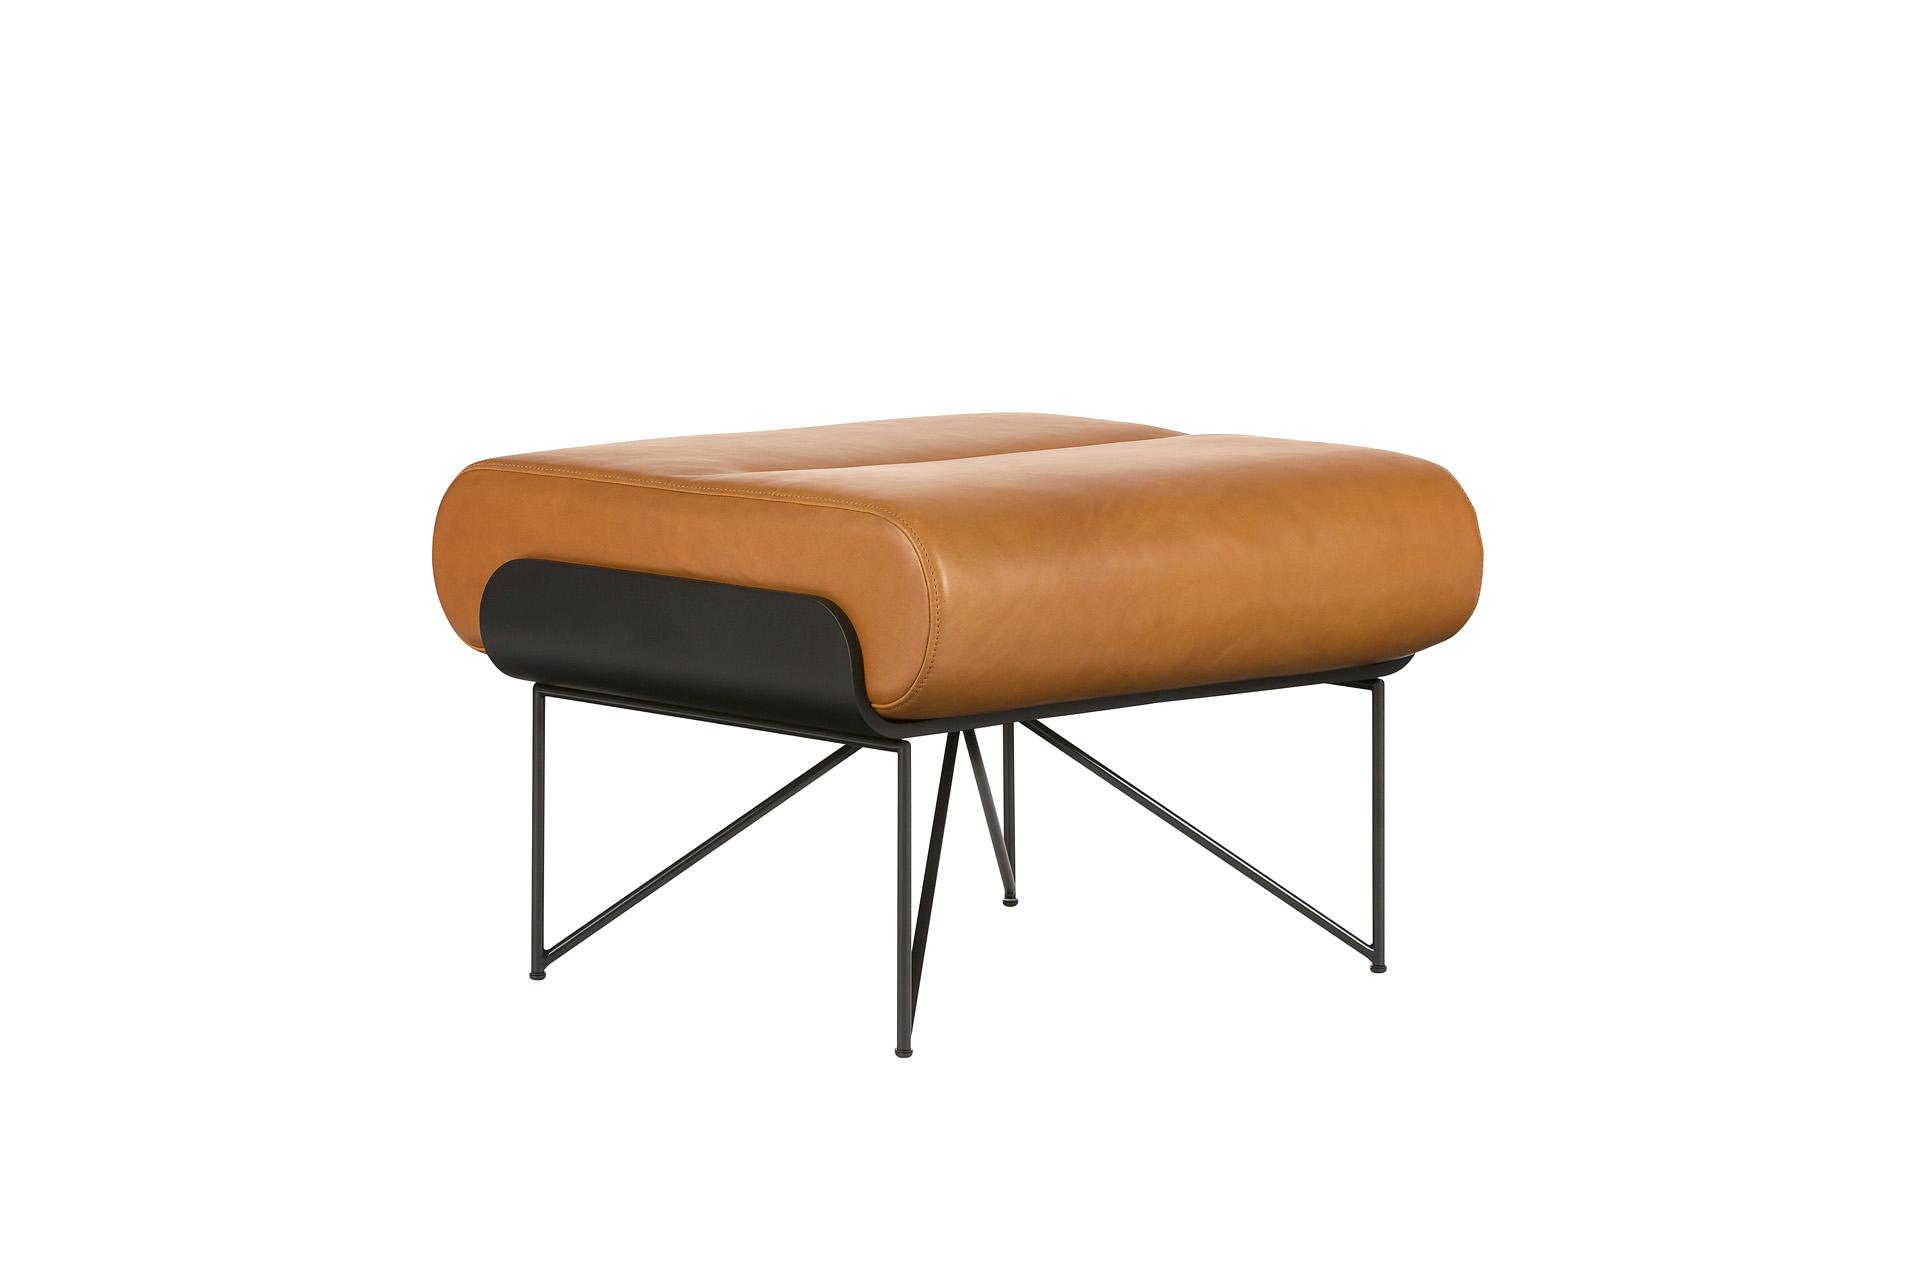 einen speziell fr den sessel ra 115 gefertigten ottomanen fertigen wir ihnen auf wunsch wir stimmen das material und die farben des hockers auf den - Bergroer Sessel Und Ottomane